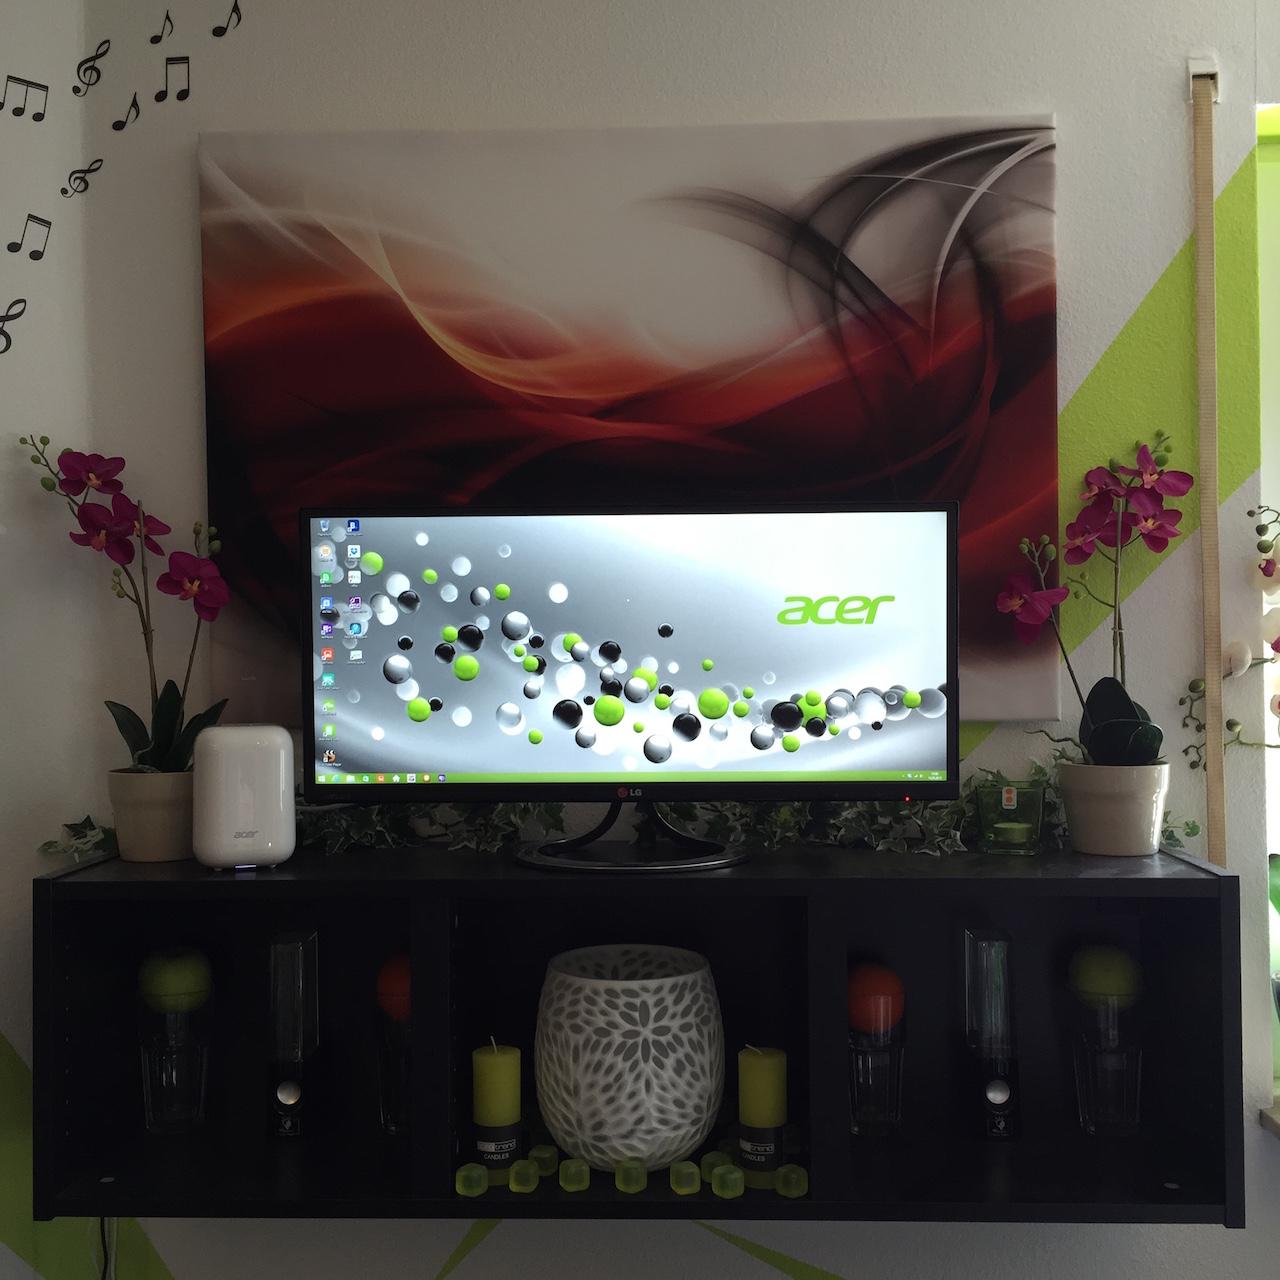 Acer Revo One - 9